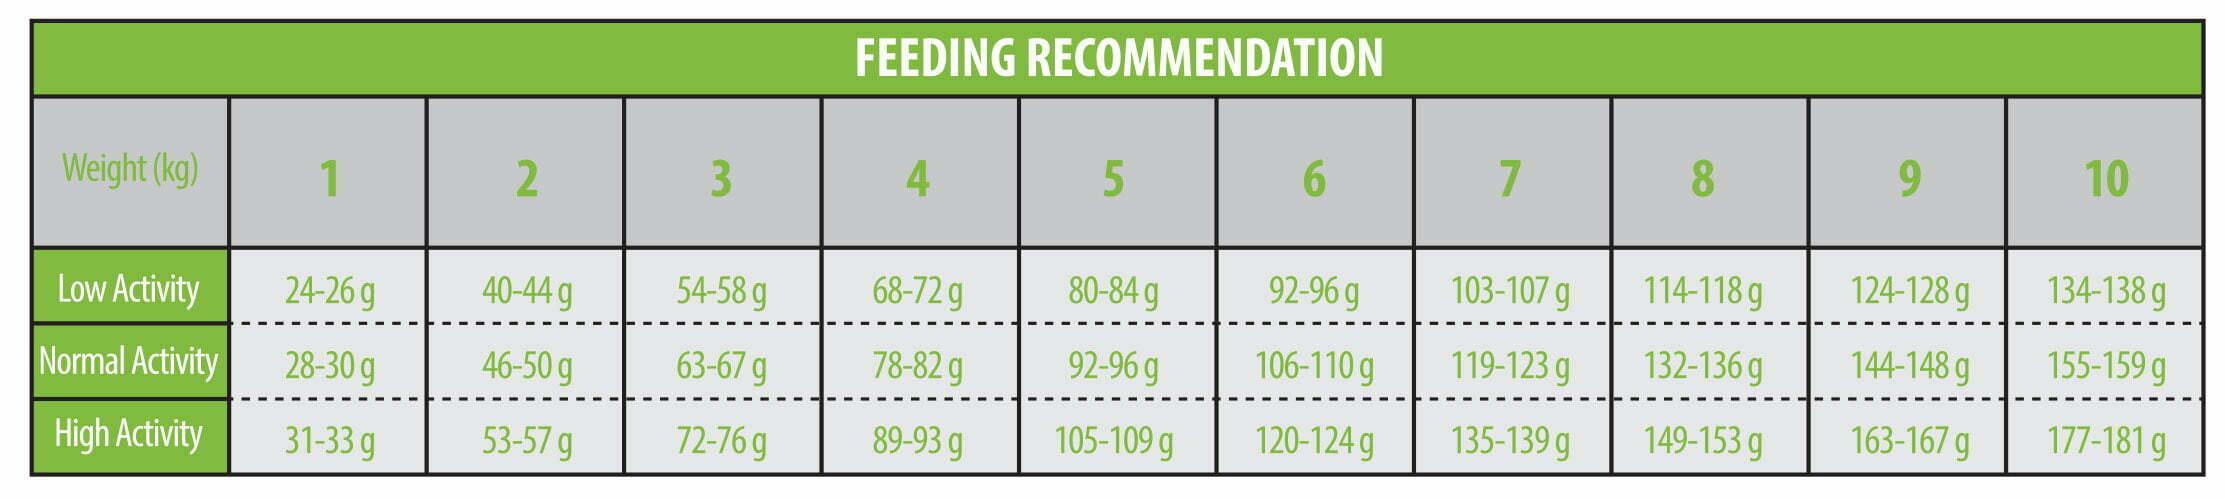 جدول-مقدار-استفاده-غذای-خشک-سگ-بالغ-نژاد-مینیاتوری-و-کوچک-رویال-فید